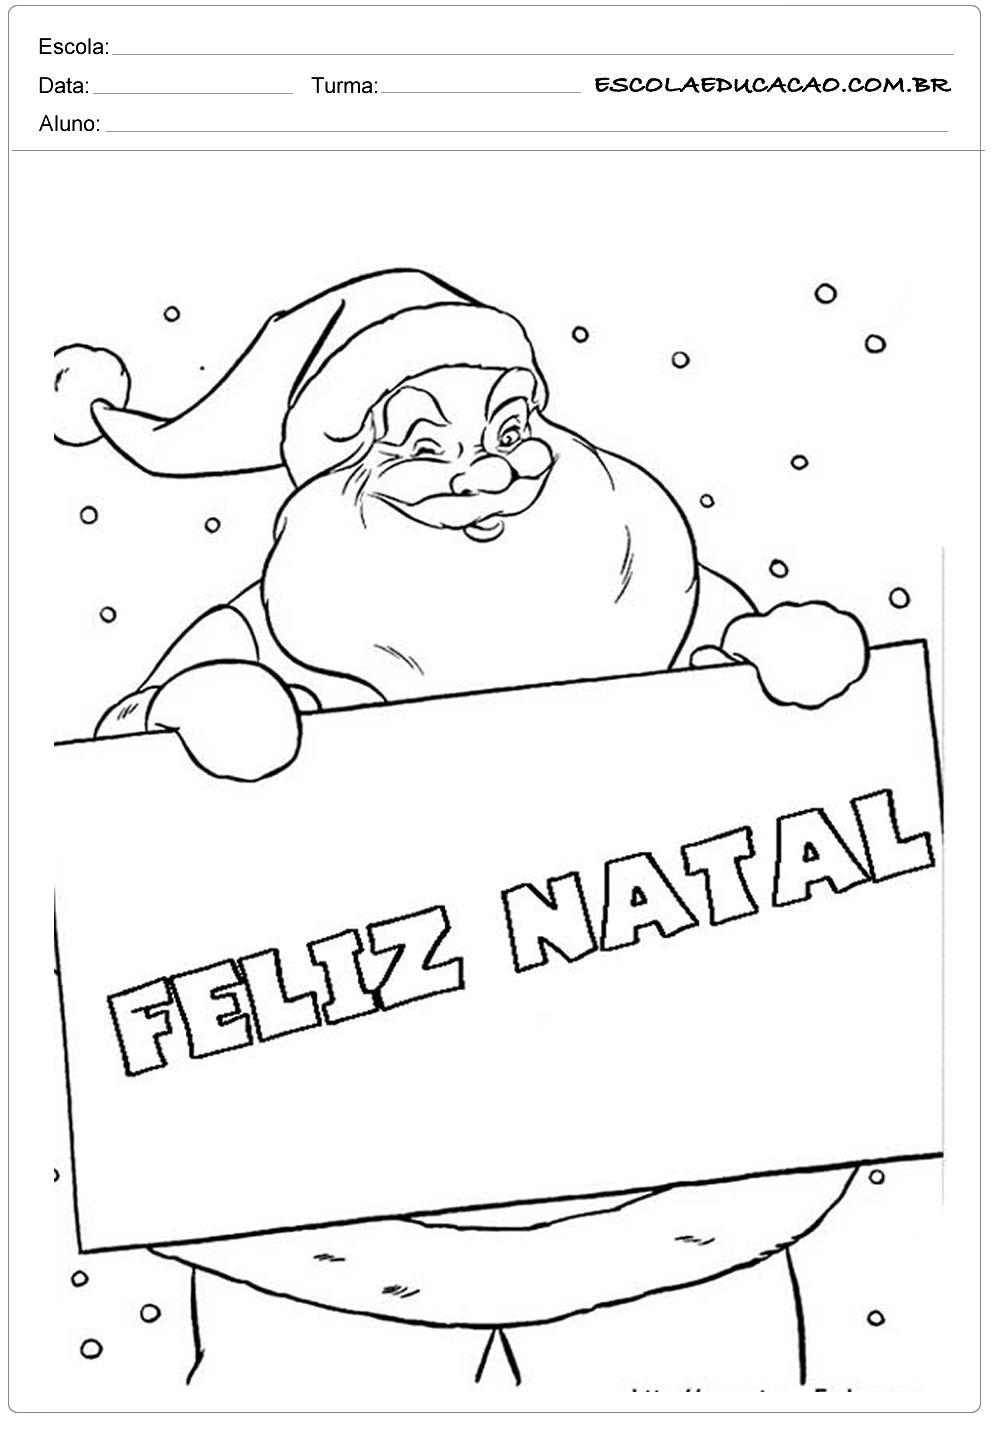 Feliz Natal Escola Educacao Papai Noel Para Colorir Desenho